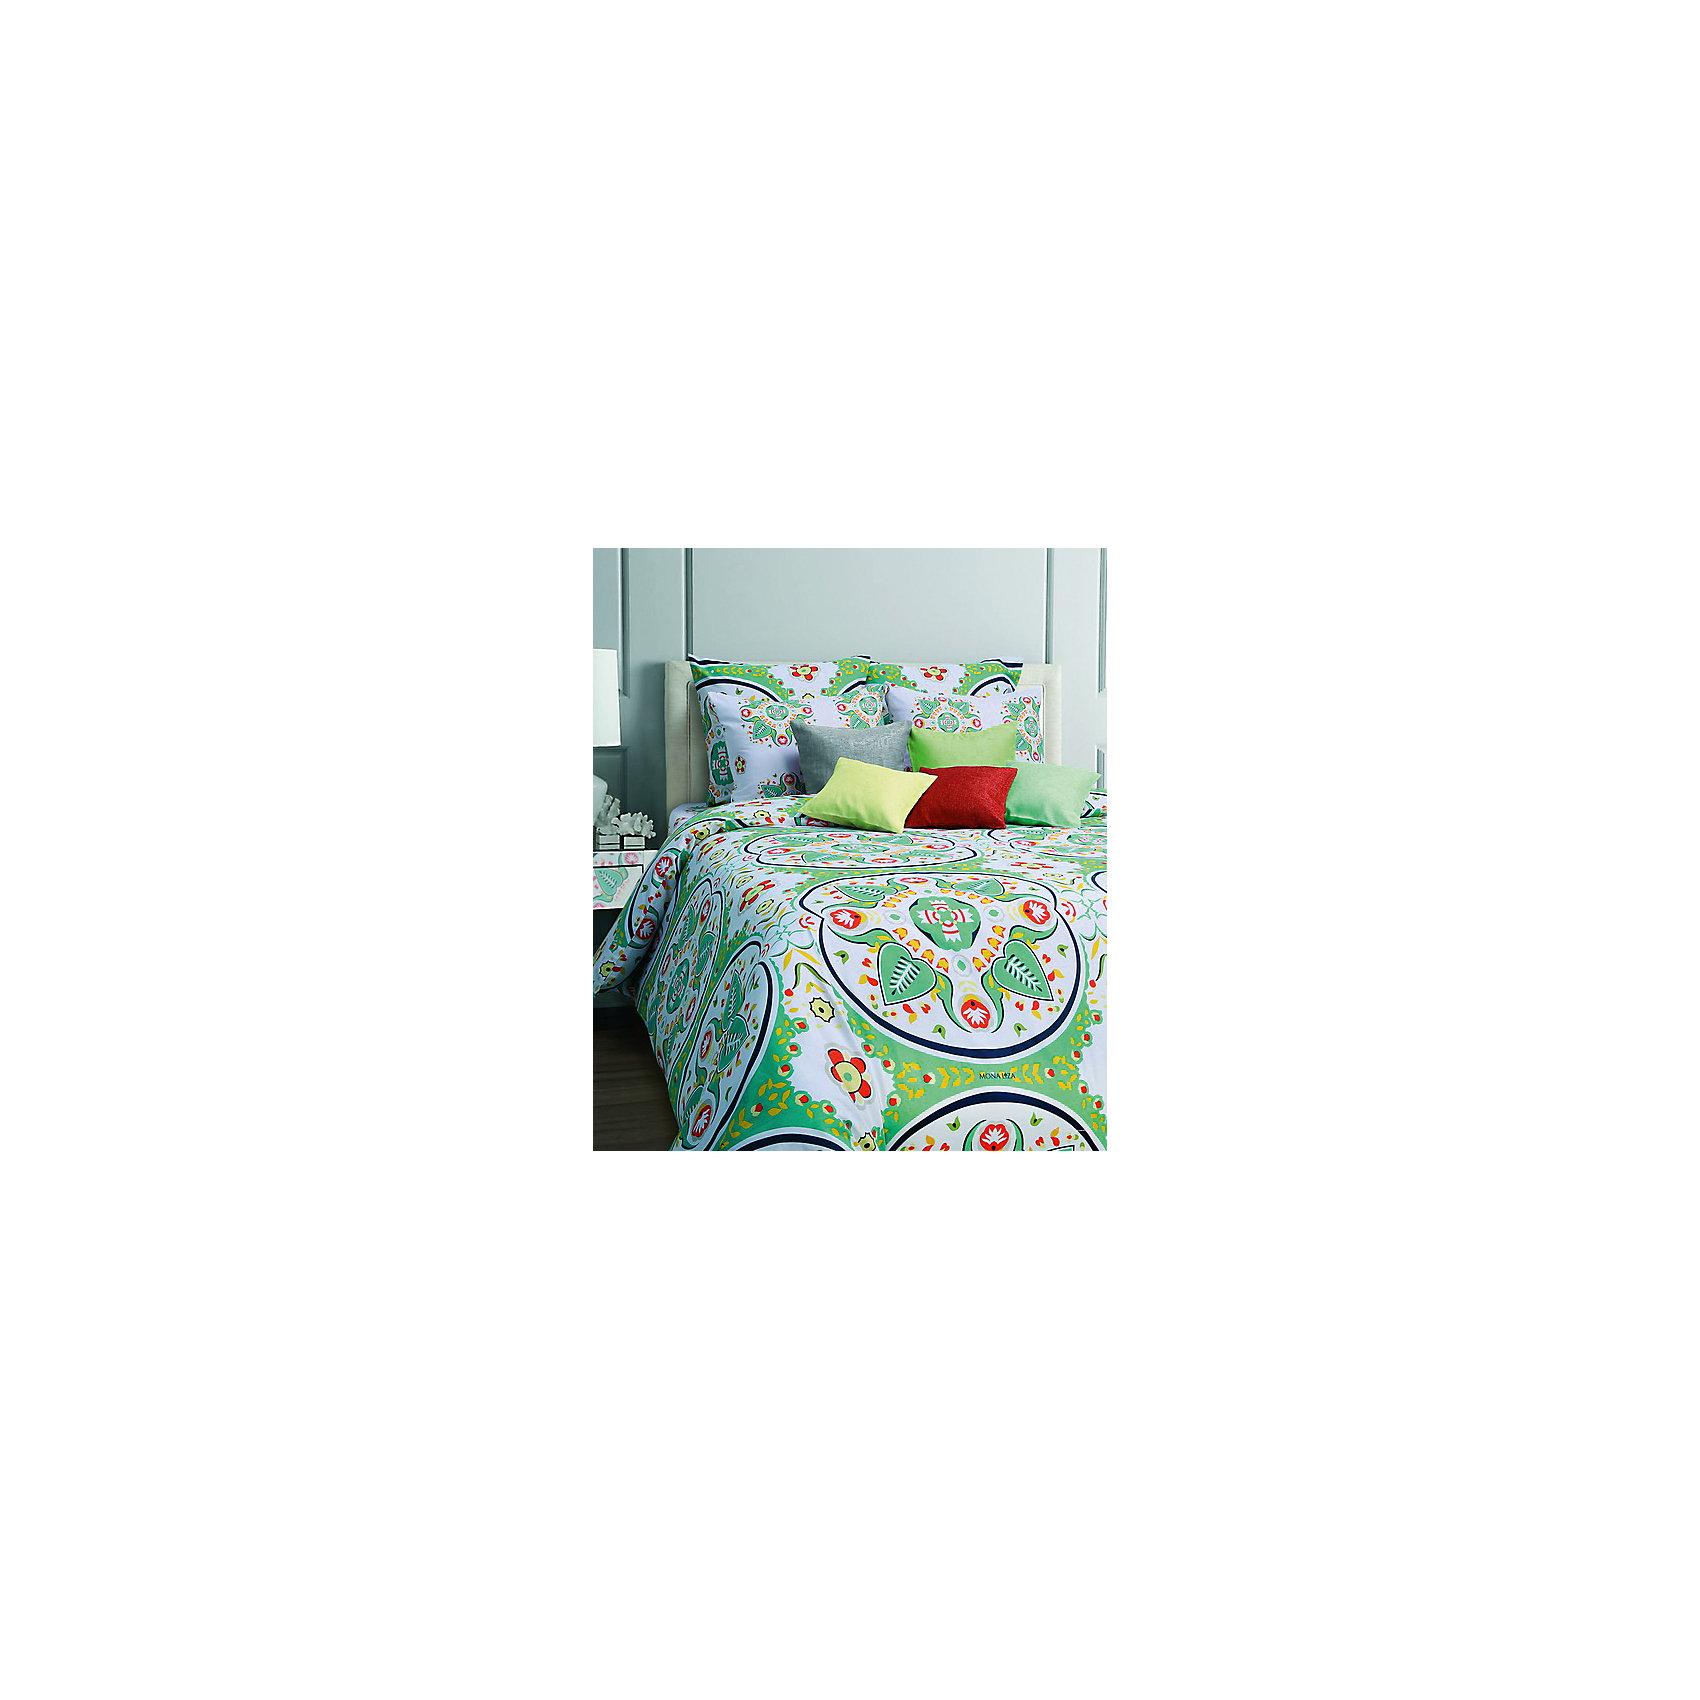 Постельное белье Blanche, 1,5-спальный, 50*70, Mona LizaКомплект постельного белья  Blanche торговой марки  Mona Liza  выполнен из натурального хлопка. Комплект состоит из пододеяльника, простыни и двух наволочек. Постельное белье оформлено интересным рисунком  с восточными мотивами и имеет оригинальный внешний вид. Для производства постельного белья используются экологичные ткани высочайшего качества. Бязь - хлопчатобумажная плотная ткань полотняного переплетения. Отличается своей прочностью и стойкостью к многочисленным стиркам. Бязь считается одной из наиболее подходящих тканей для производства постельного белья и пользуется в России большим спросом.<br>Дополнительная информация: <br><br>- производитель: mona liza<br>- материал: бязь<br>- состав: 100% хлопок<br>- размер комплекта: 1,5-спальный<br>- размер пододеяльника: 145*210 см<br>- тип застежки: пуговицы<br>- размер простыни: 150*215 (стандартная)<br>- размер наволочек: 50*70 (2 шт)<br>- упаковка комплекта: книжка пвх<br>- страна бренда: Россия<br>- страна производитель: Россия<br>Комплект постельного белья  Blanche торговой марки  Мона Лиза можно купить в нашем интернет-магазине.<br><br>Ширина мм: 290<br>Глубина мм: 70<br>Высота мм: 370<br>Вес г: 1250<br>Возраст от месяцев: 84<br>Возраст до месяцев: 1188<br>Пол: Унисекс<br>Возраст: Детский<br>SKU: 4902092